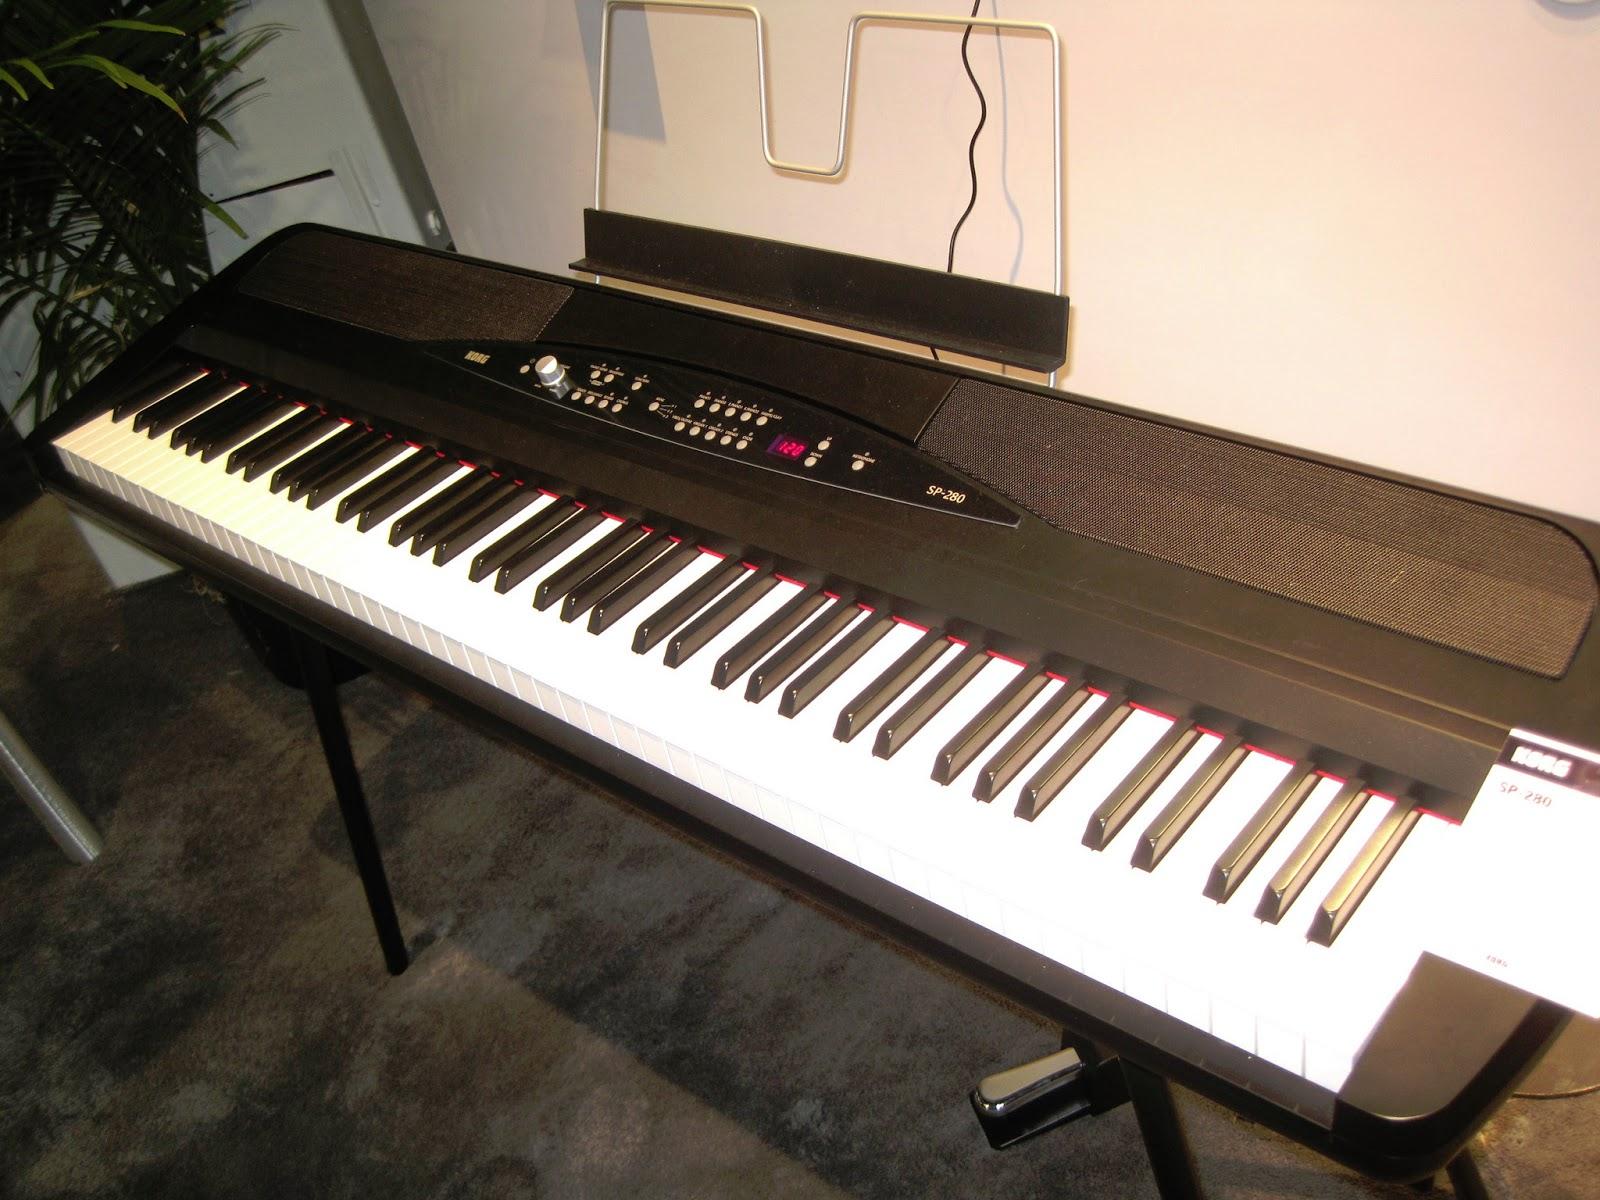 az piano reviews review korg lp380 korg sp280 digital pianos 2019. Black Bedroom Furniture Sets. Home Design Ideas